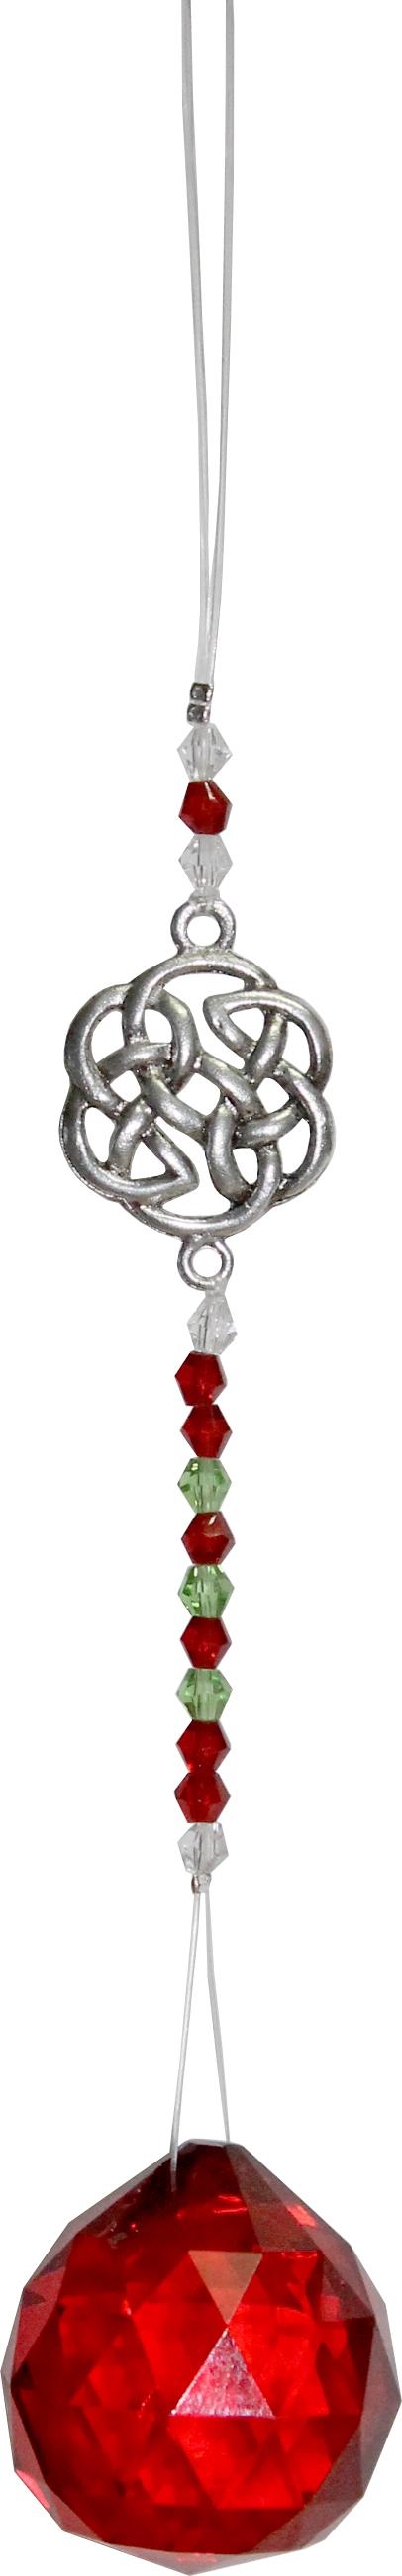 Hangend Kristal Geslepen Glas met Kralen & Keltische Knoop - Rood